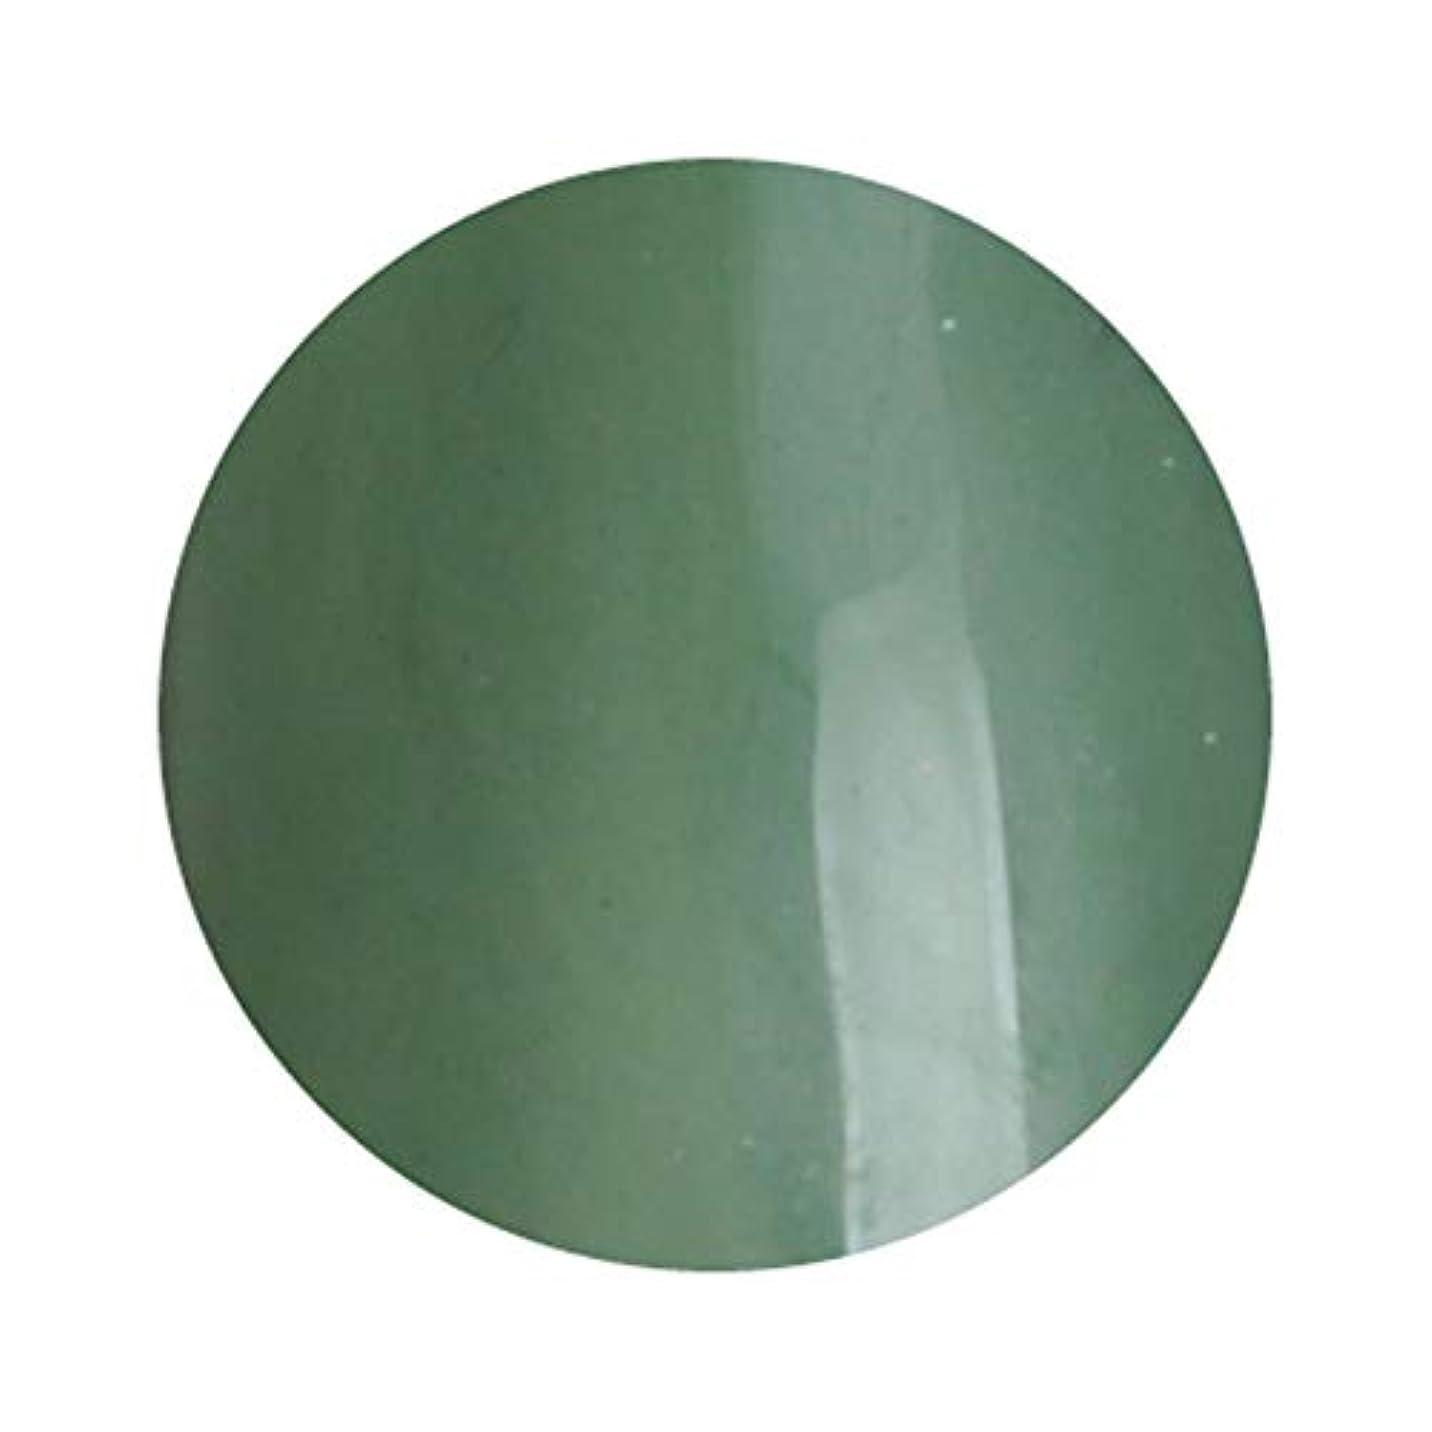 反響する指定する決定的T-GEL COLLECTION ティージェルコレクション カラージェル D234 クリアカーキ 4ml